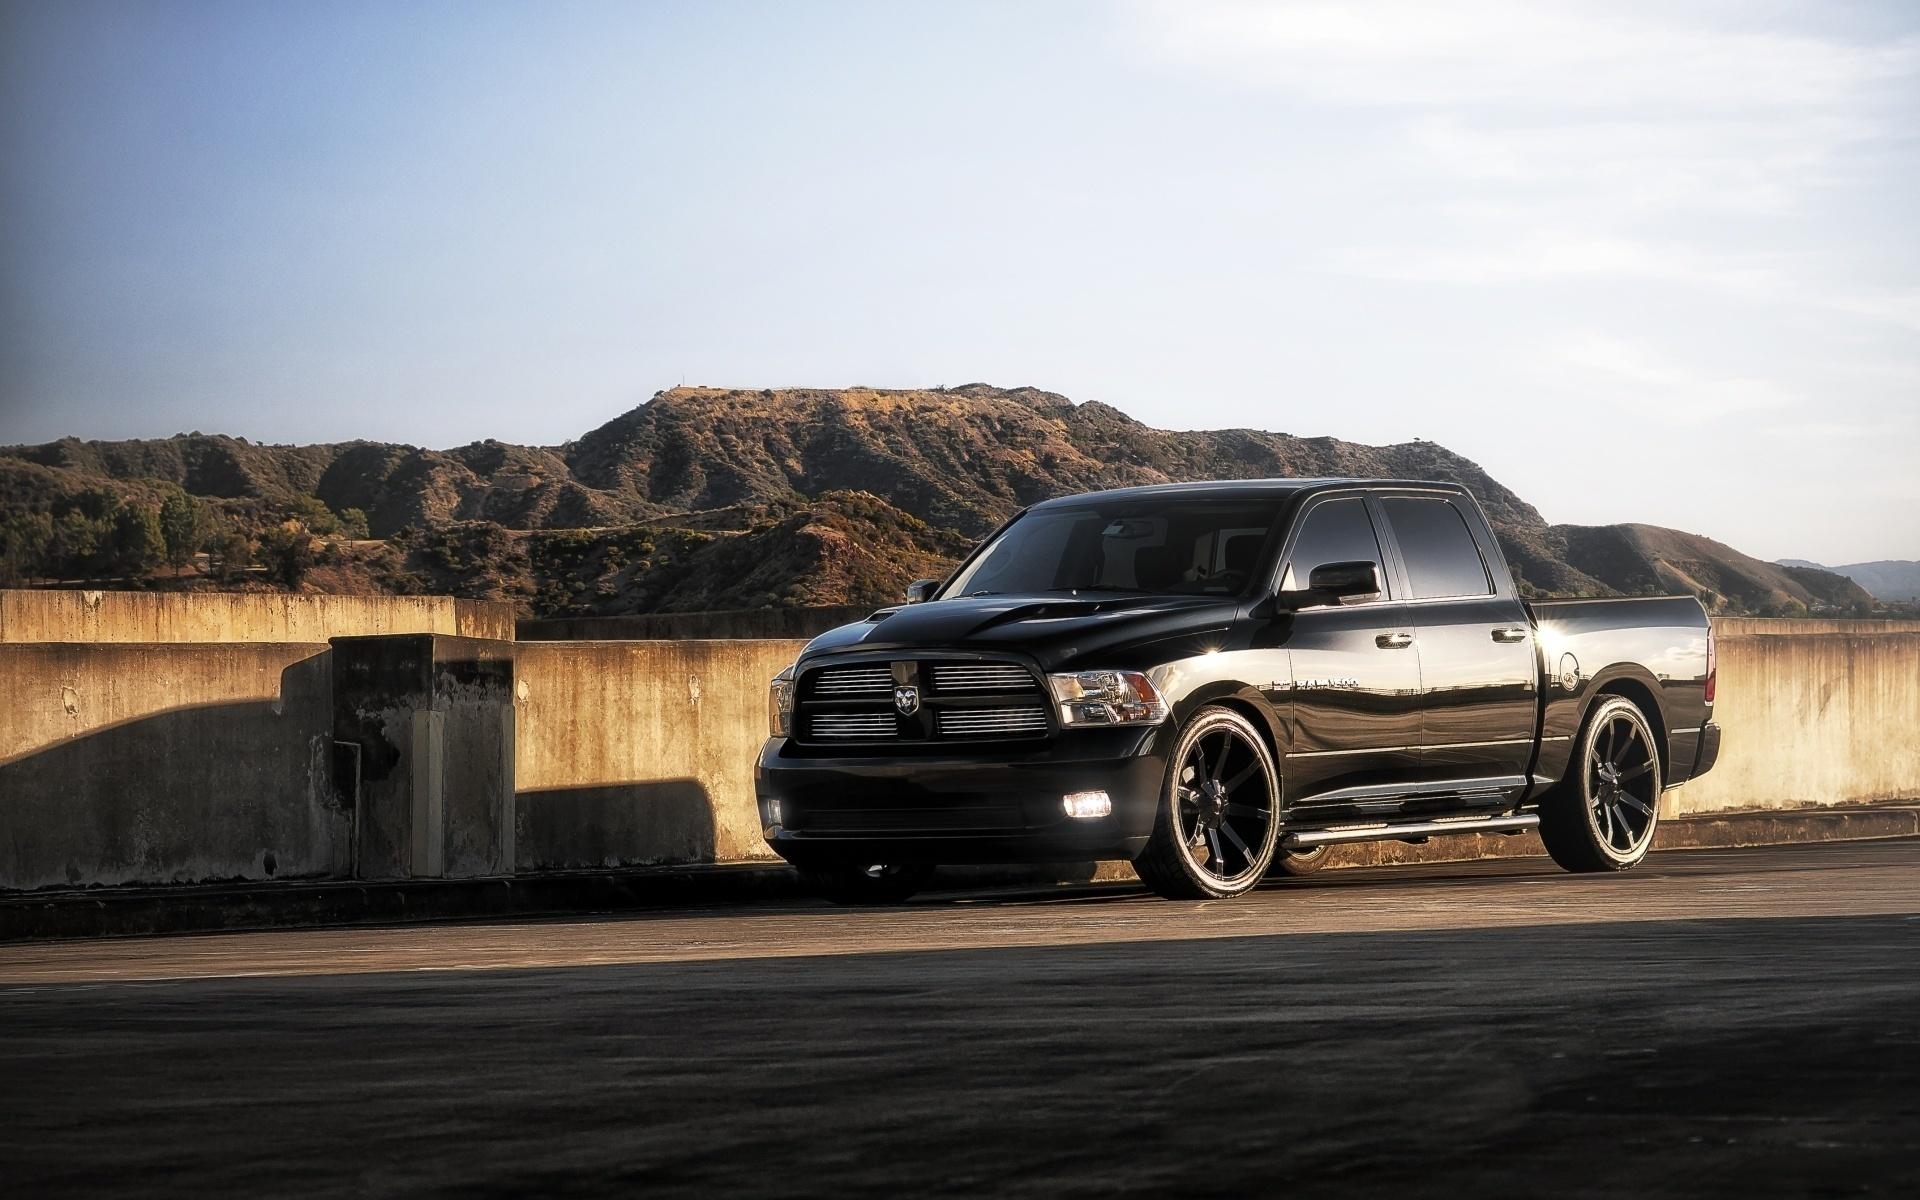 джип, 1500, чёрный, додж, пикап, Dodge, ram, передок, рэм